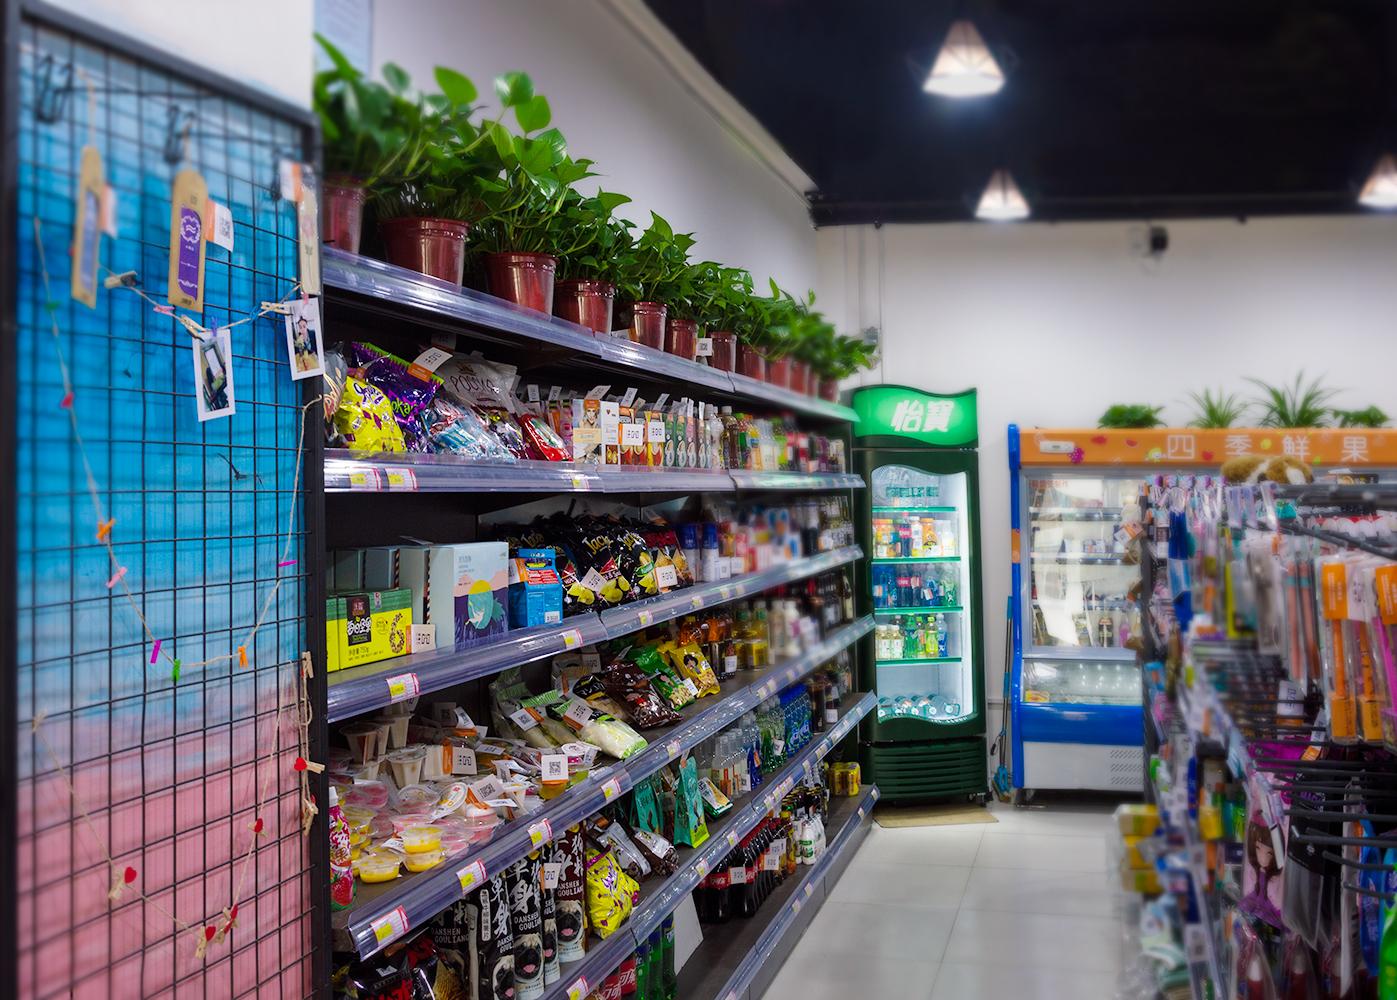 盘点超市便利店接手四大注意事项,每个都可能亏损关门!